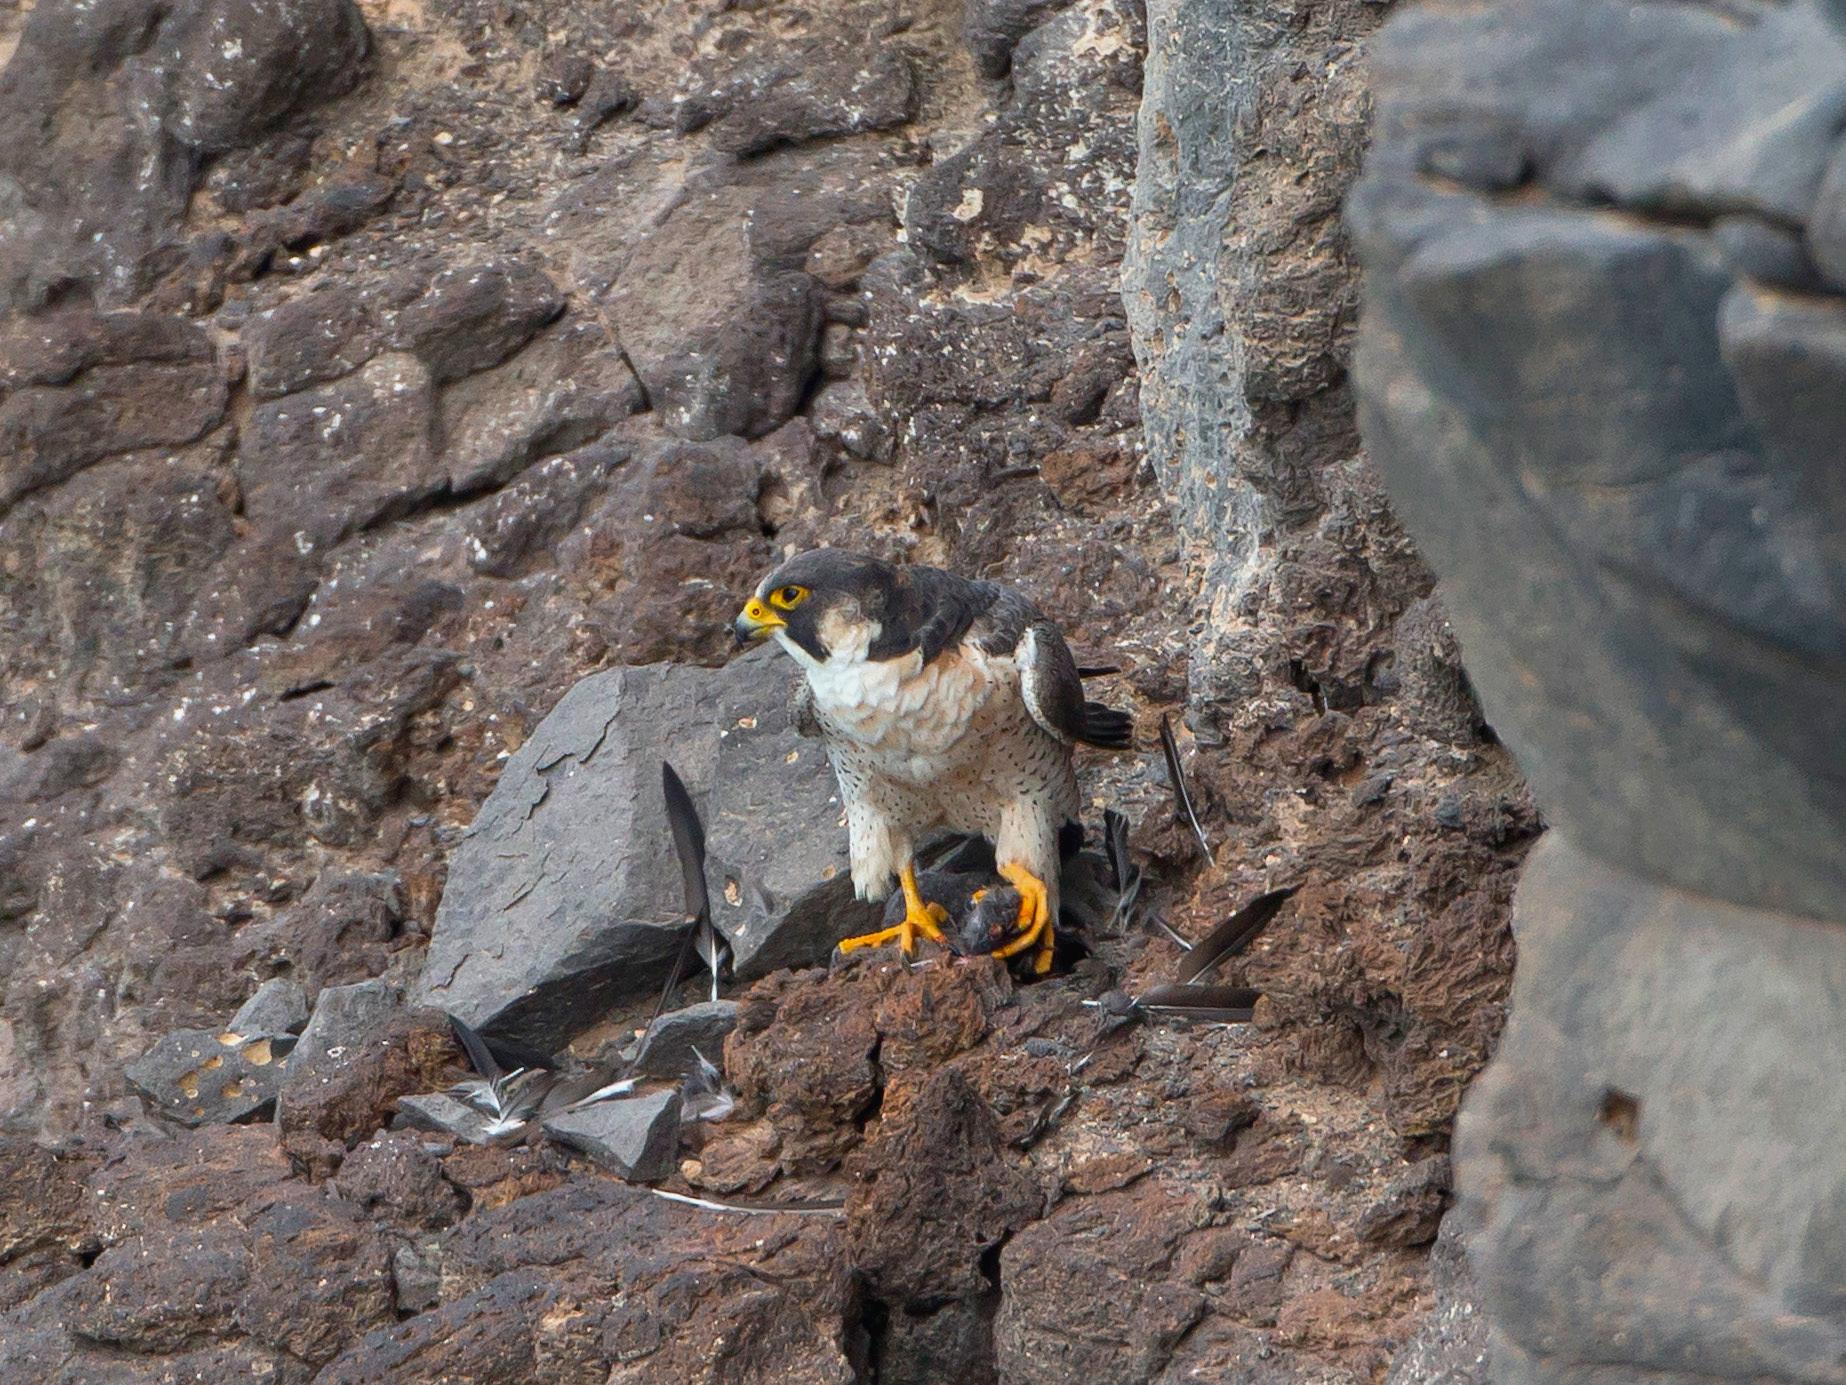 Dort treffen wir auf einen Wüstenfalken, ein naher Verwandter des Wanderfalken ...